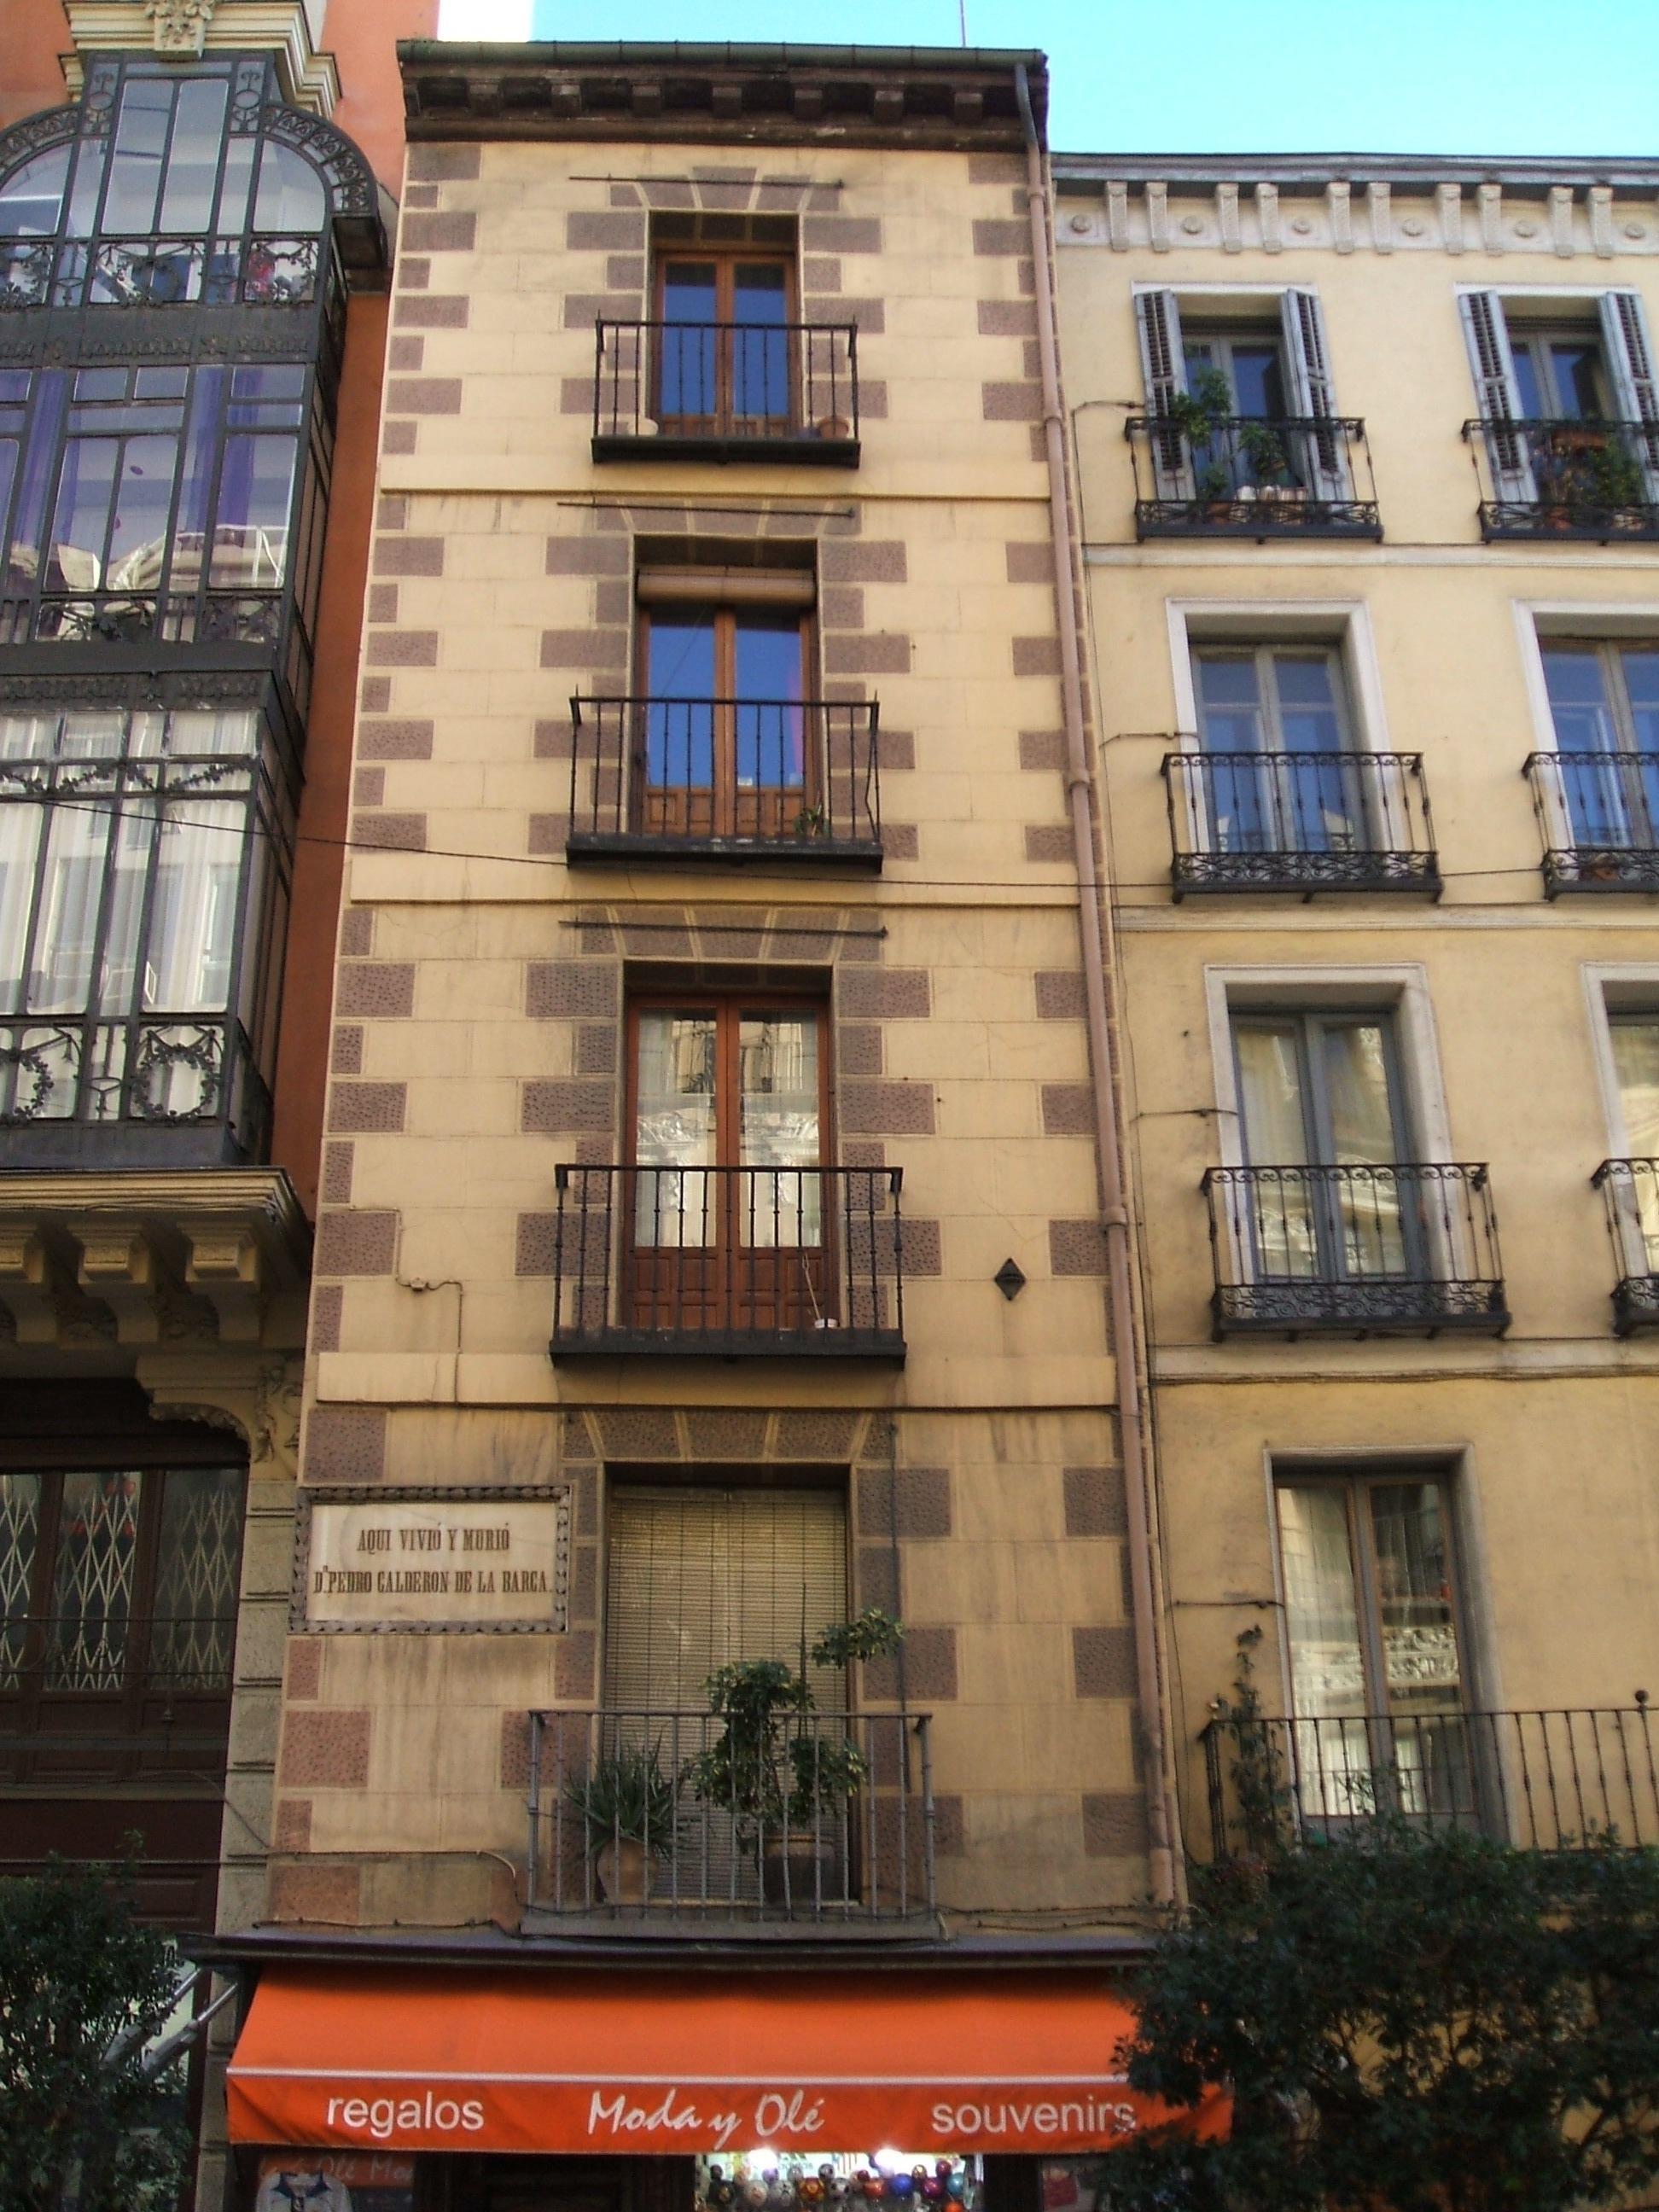 La casa donde fallecío Calderón de la Barca